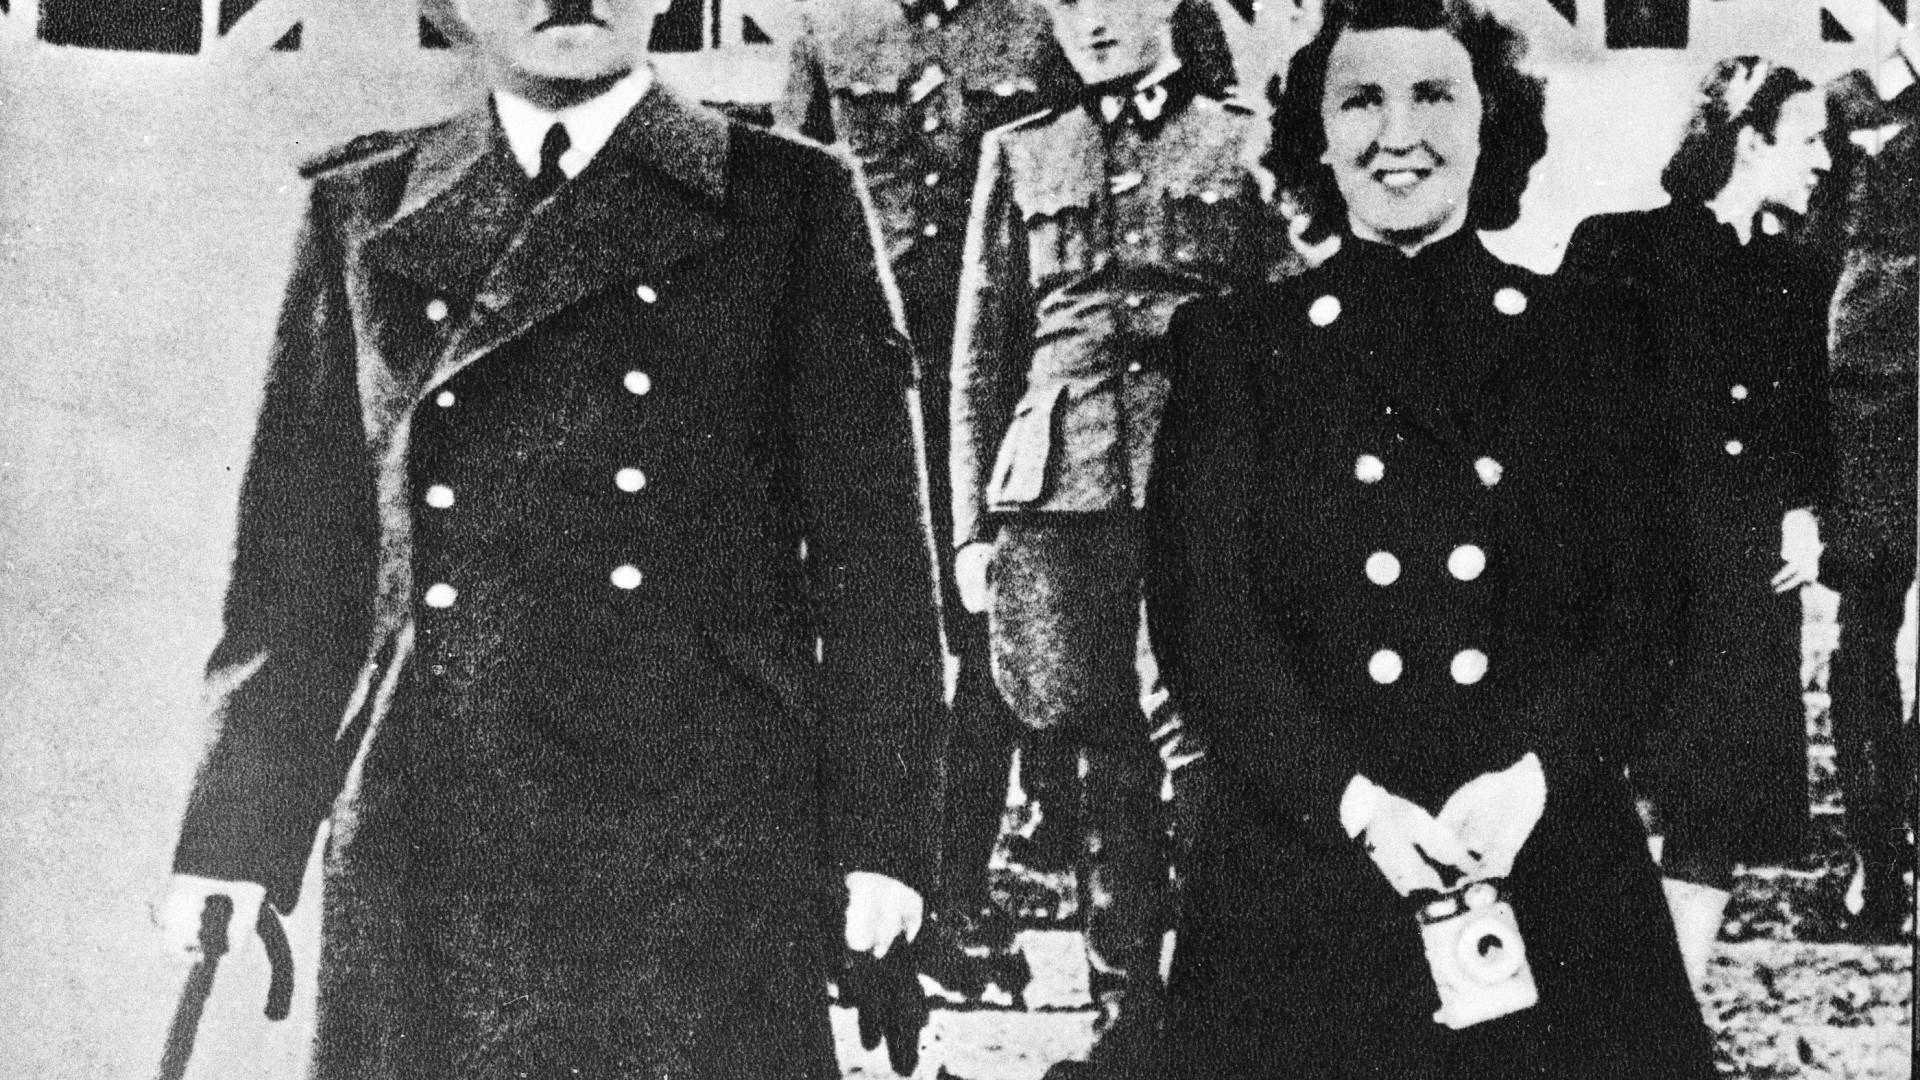 Hitler e Eva Braun podem nunca ter tido relações sexuais. Este é o motivo